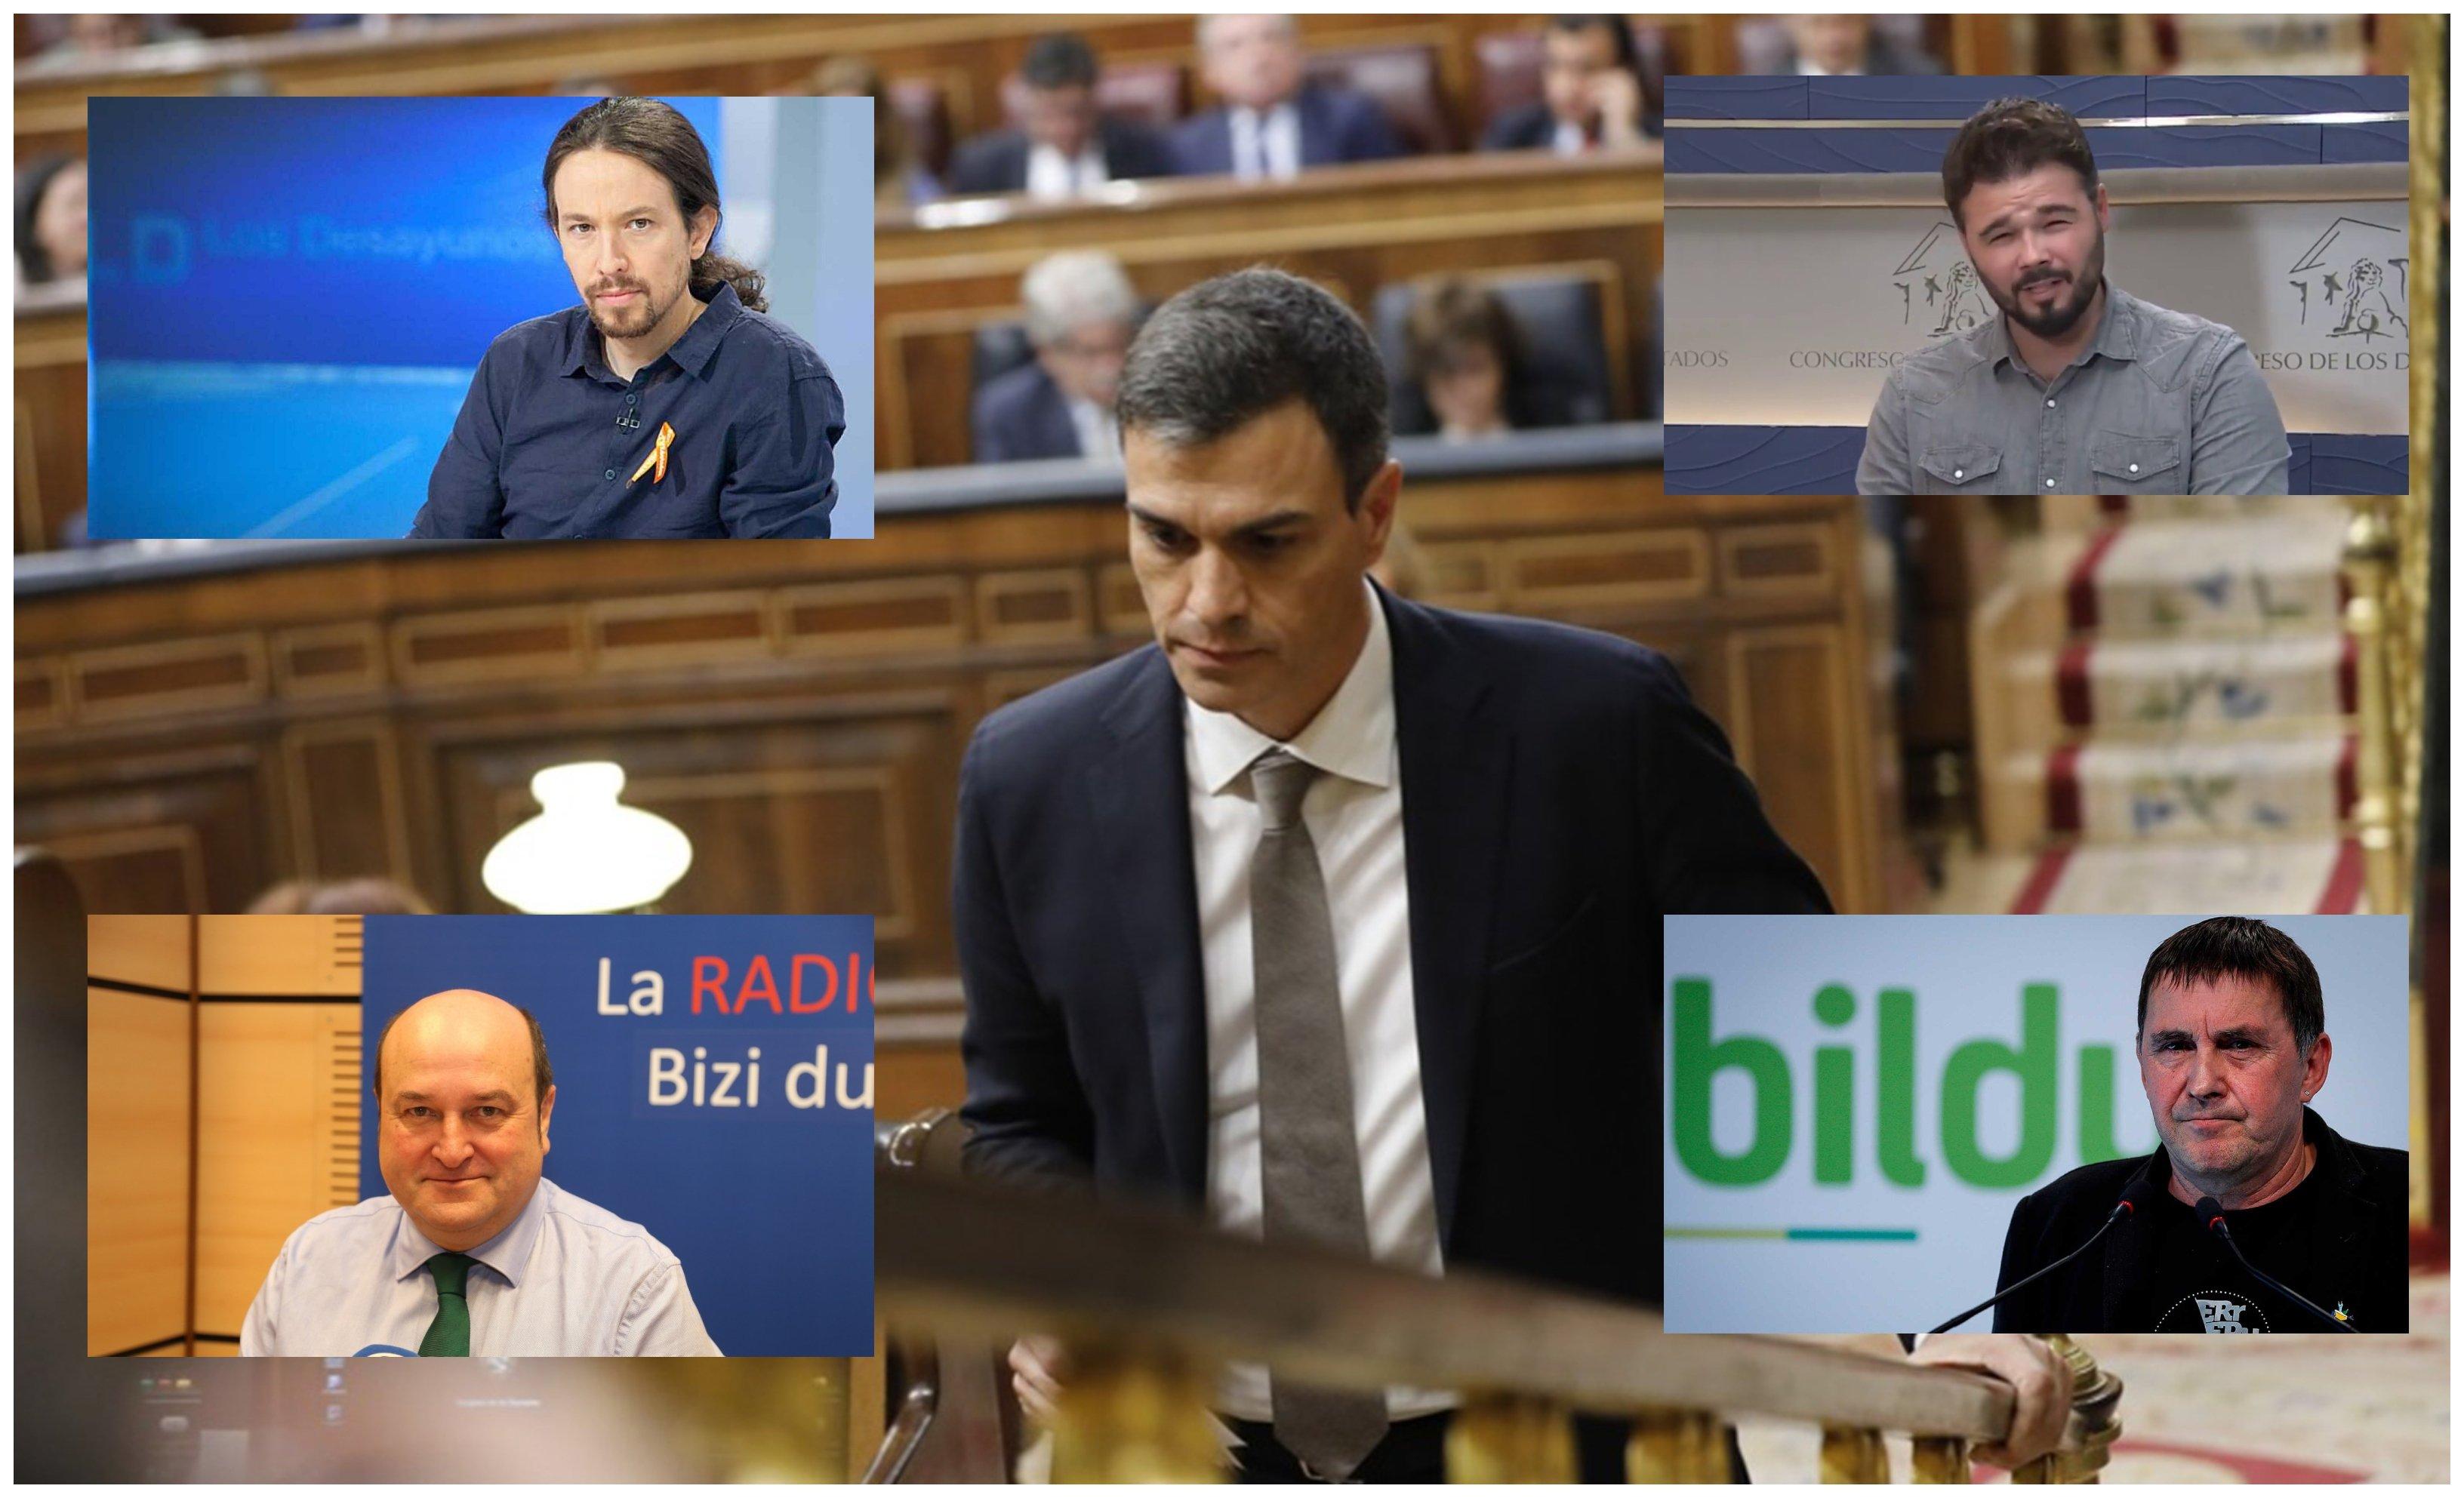 Sánchez rodeado de los representantes de los partidos que apoyaron la moción de censura a Rajoy en junio de 2018